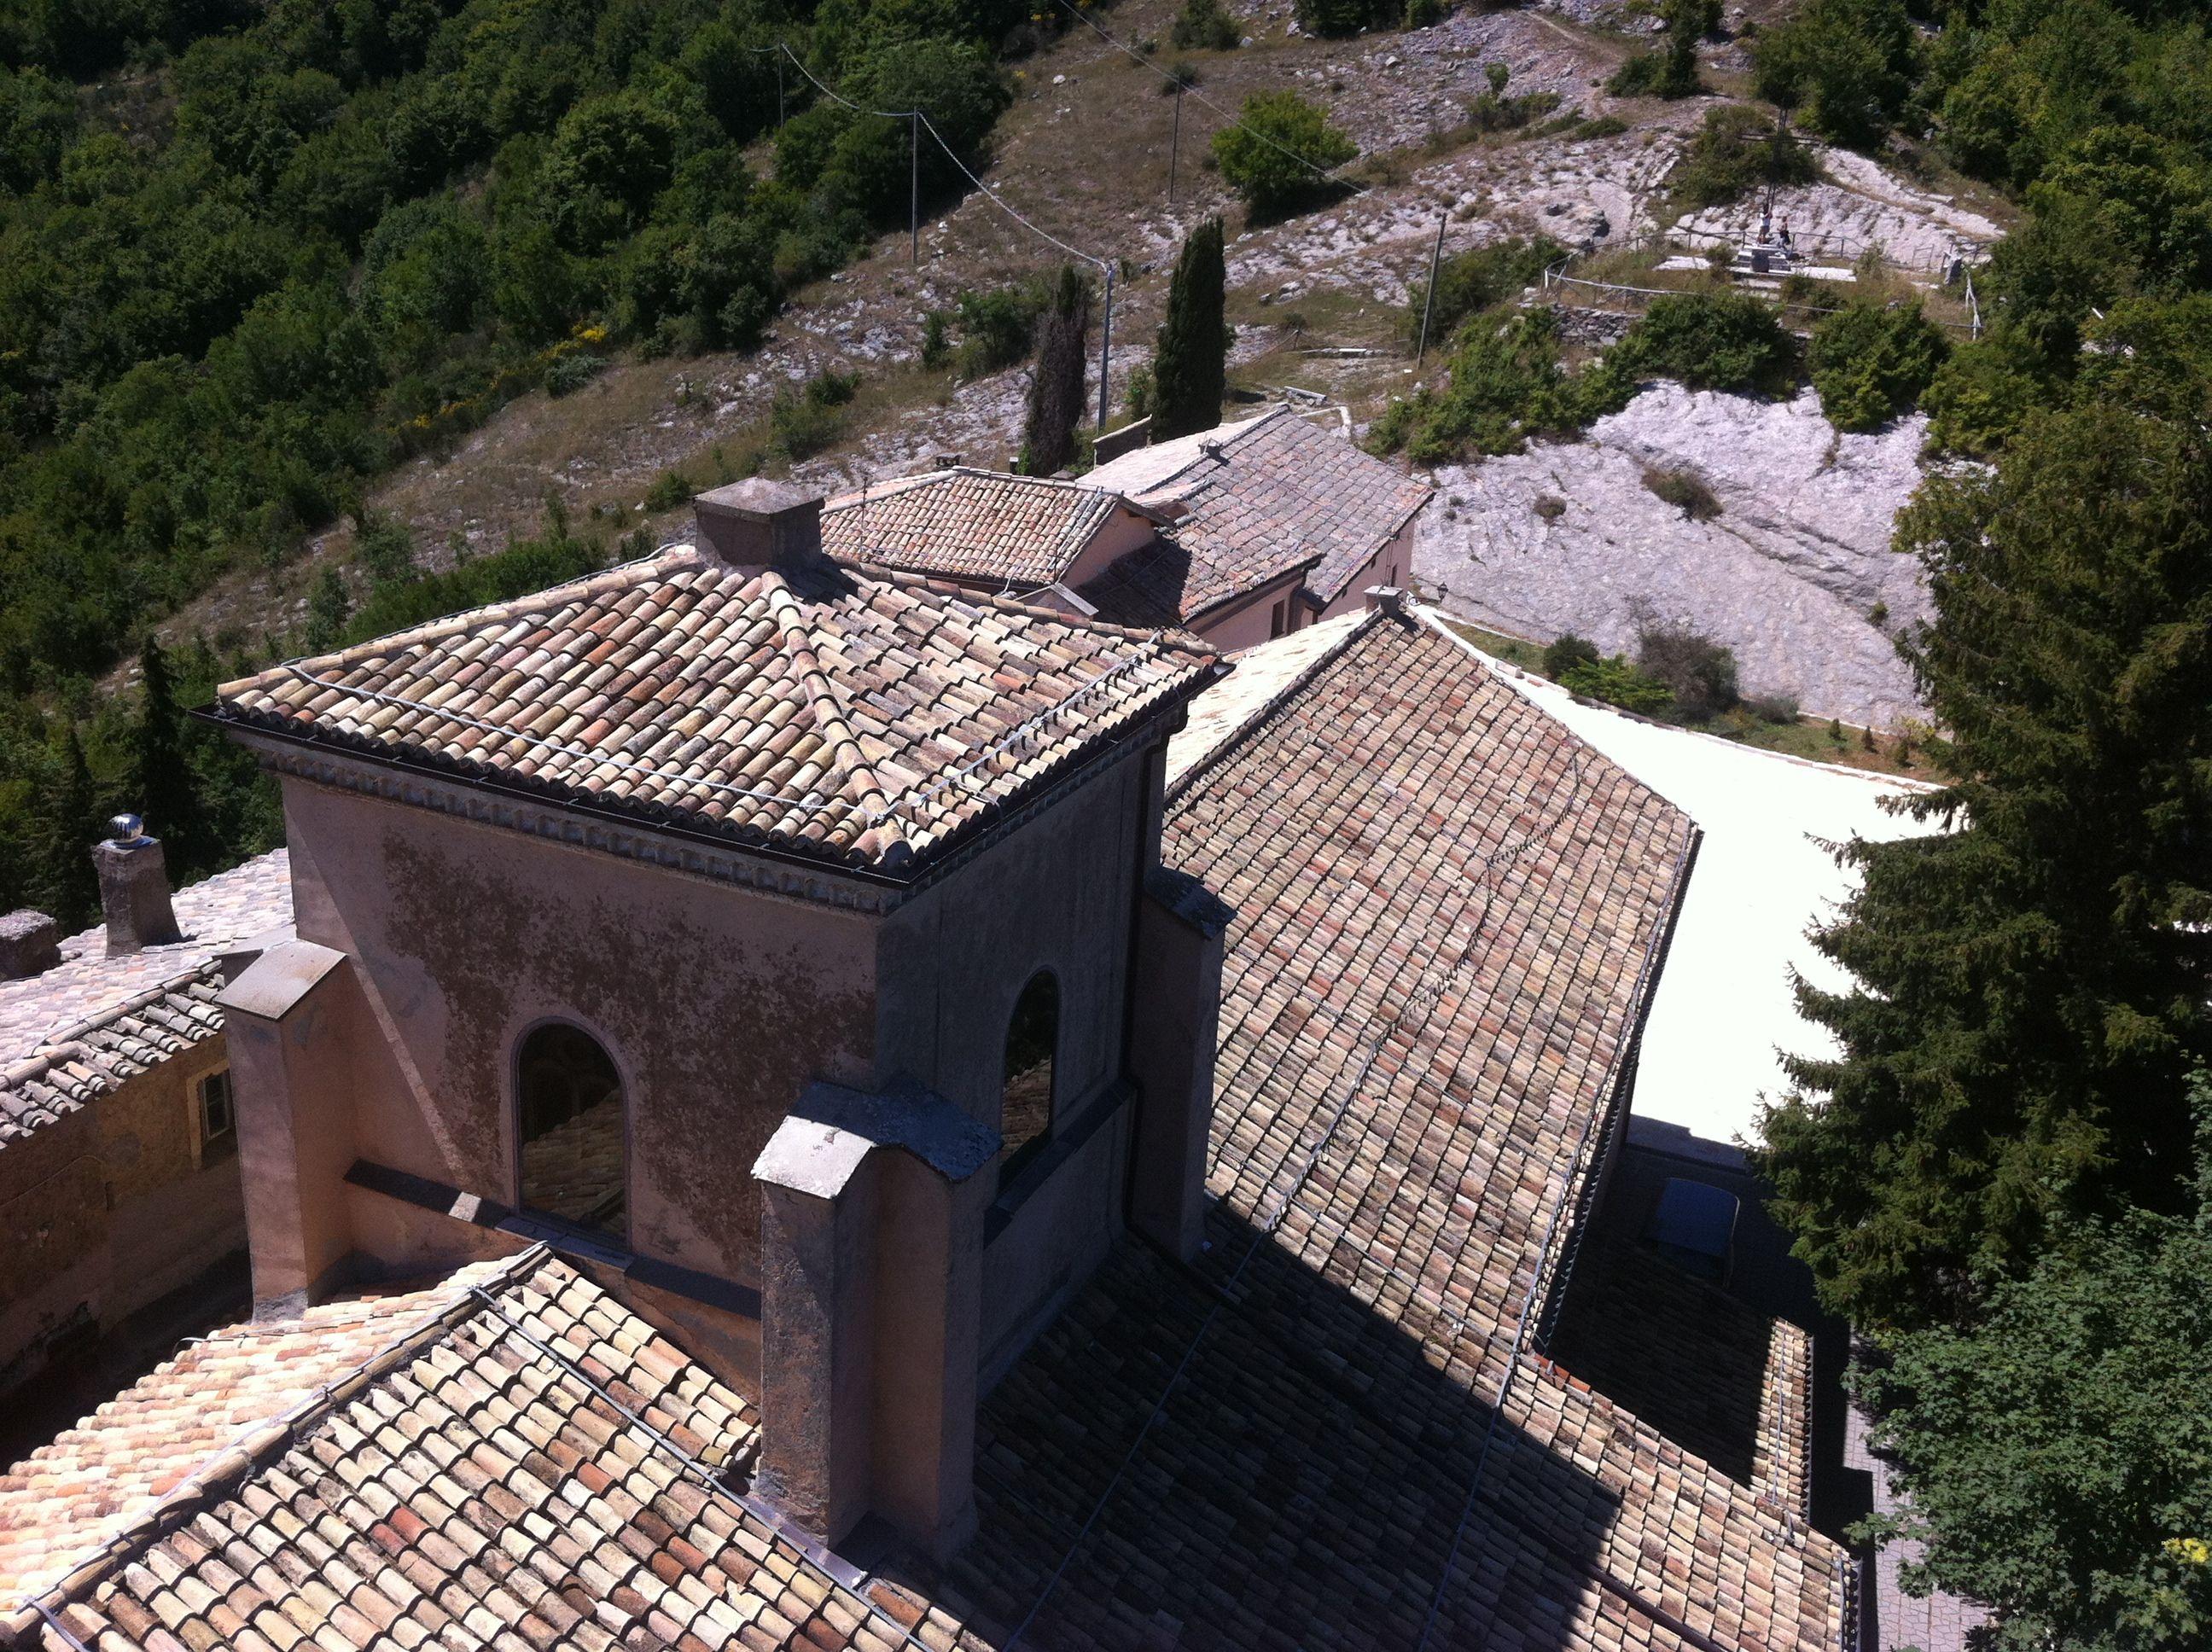 Santuario della Mentorella - Capranica Prenestina (RM) The secret place of prayer of Pope Wojtyla